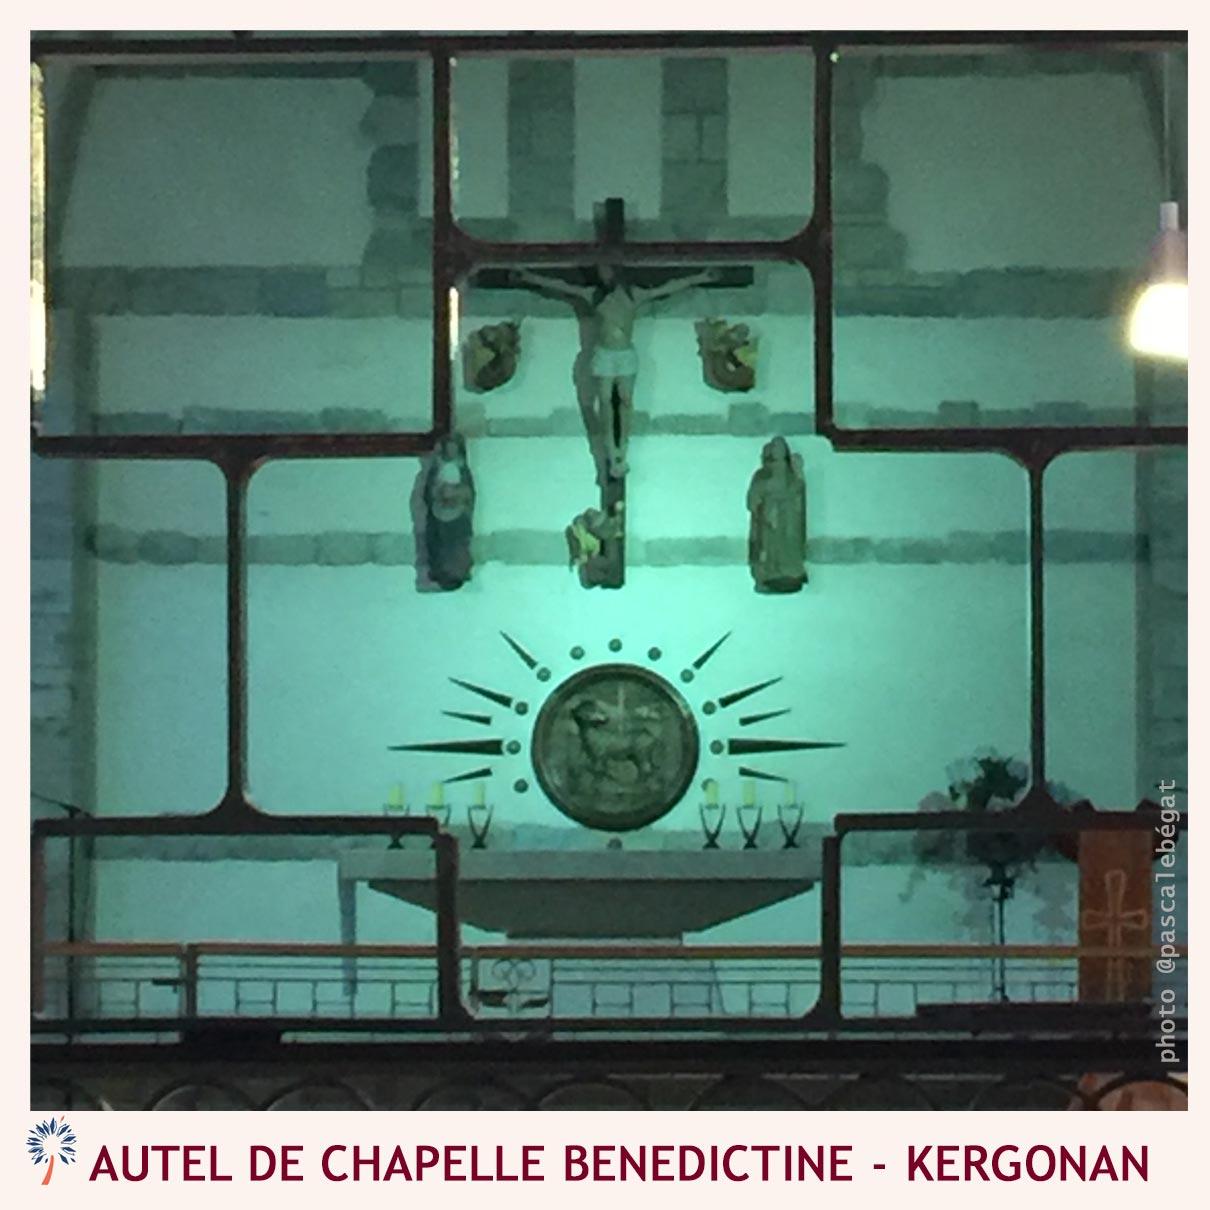 Autel chapelle benedictine